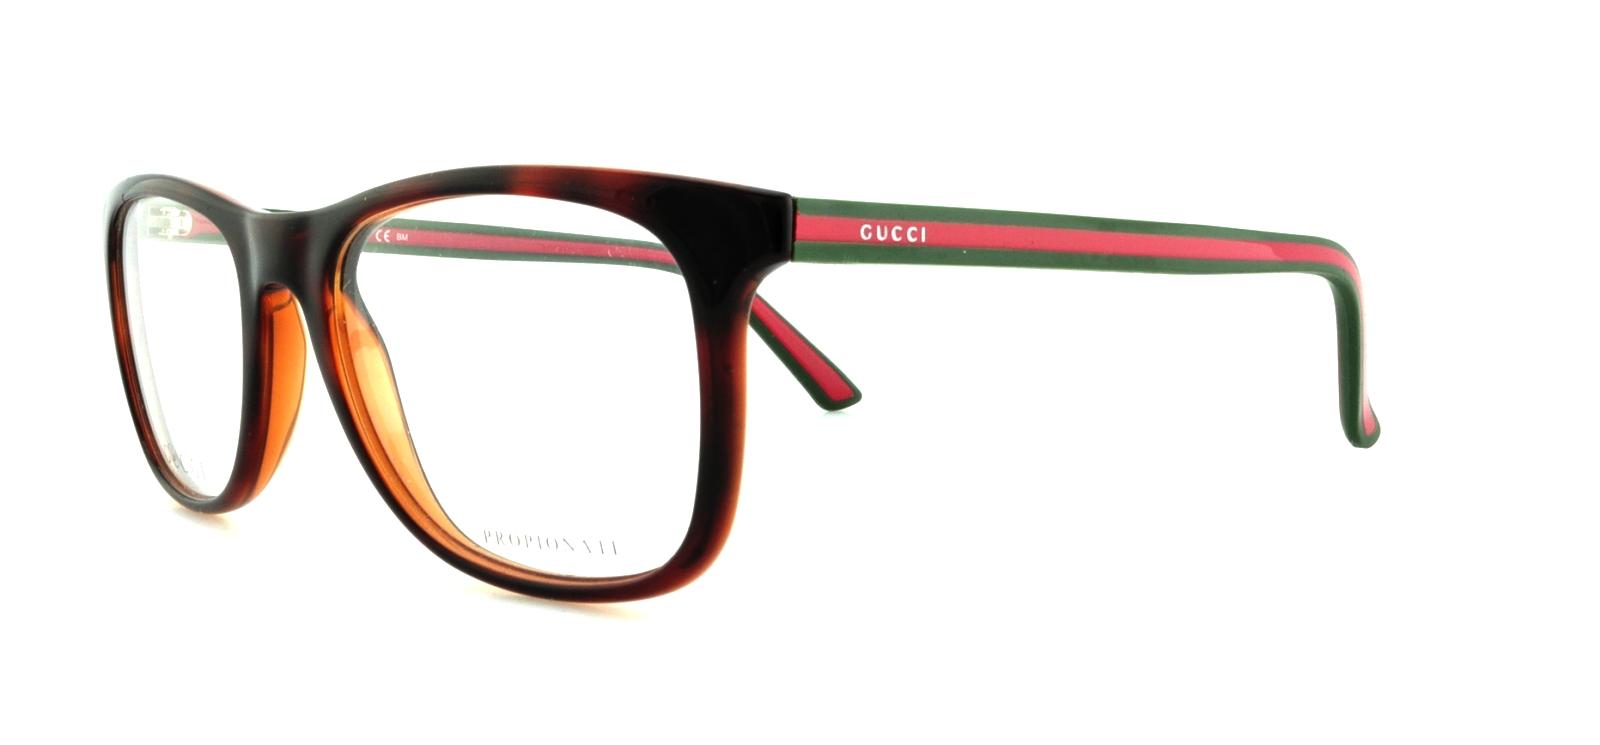 091ddcc2fdb36 Designer Frames Outlet. Gucci 1056